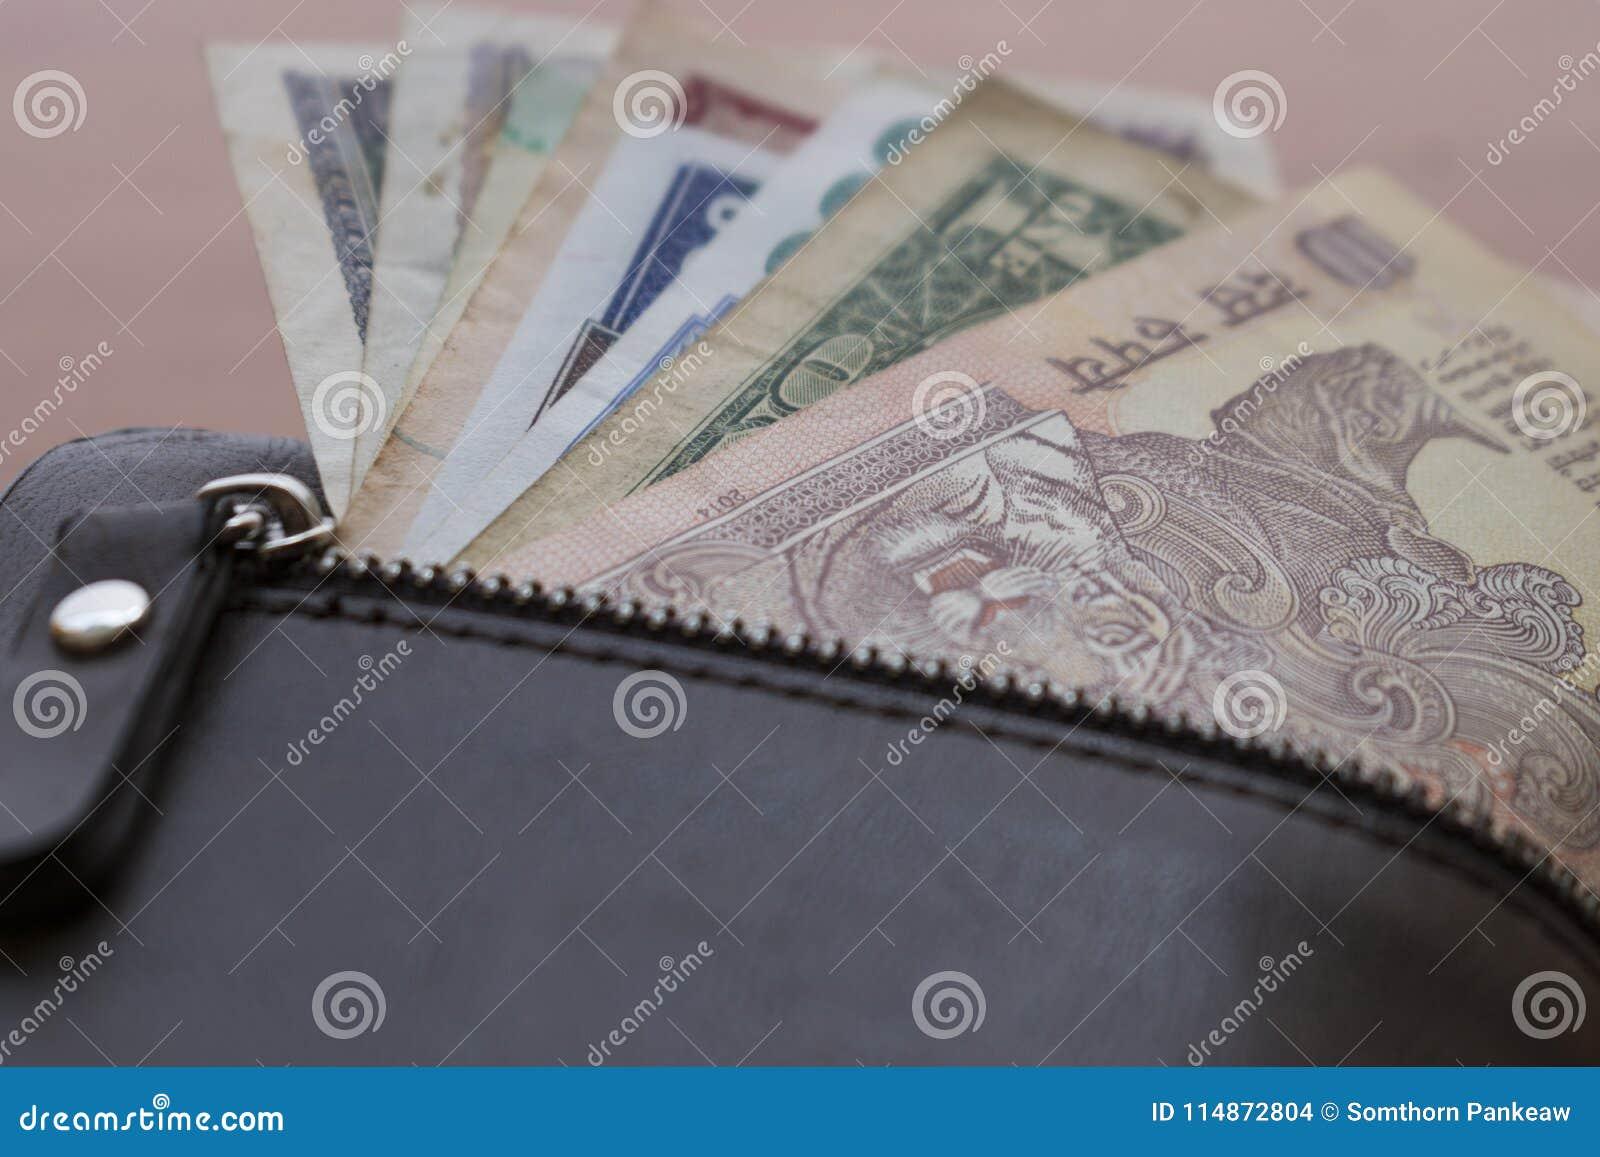 Банкноты положили в бумажник